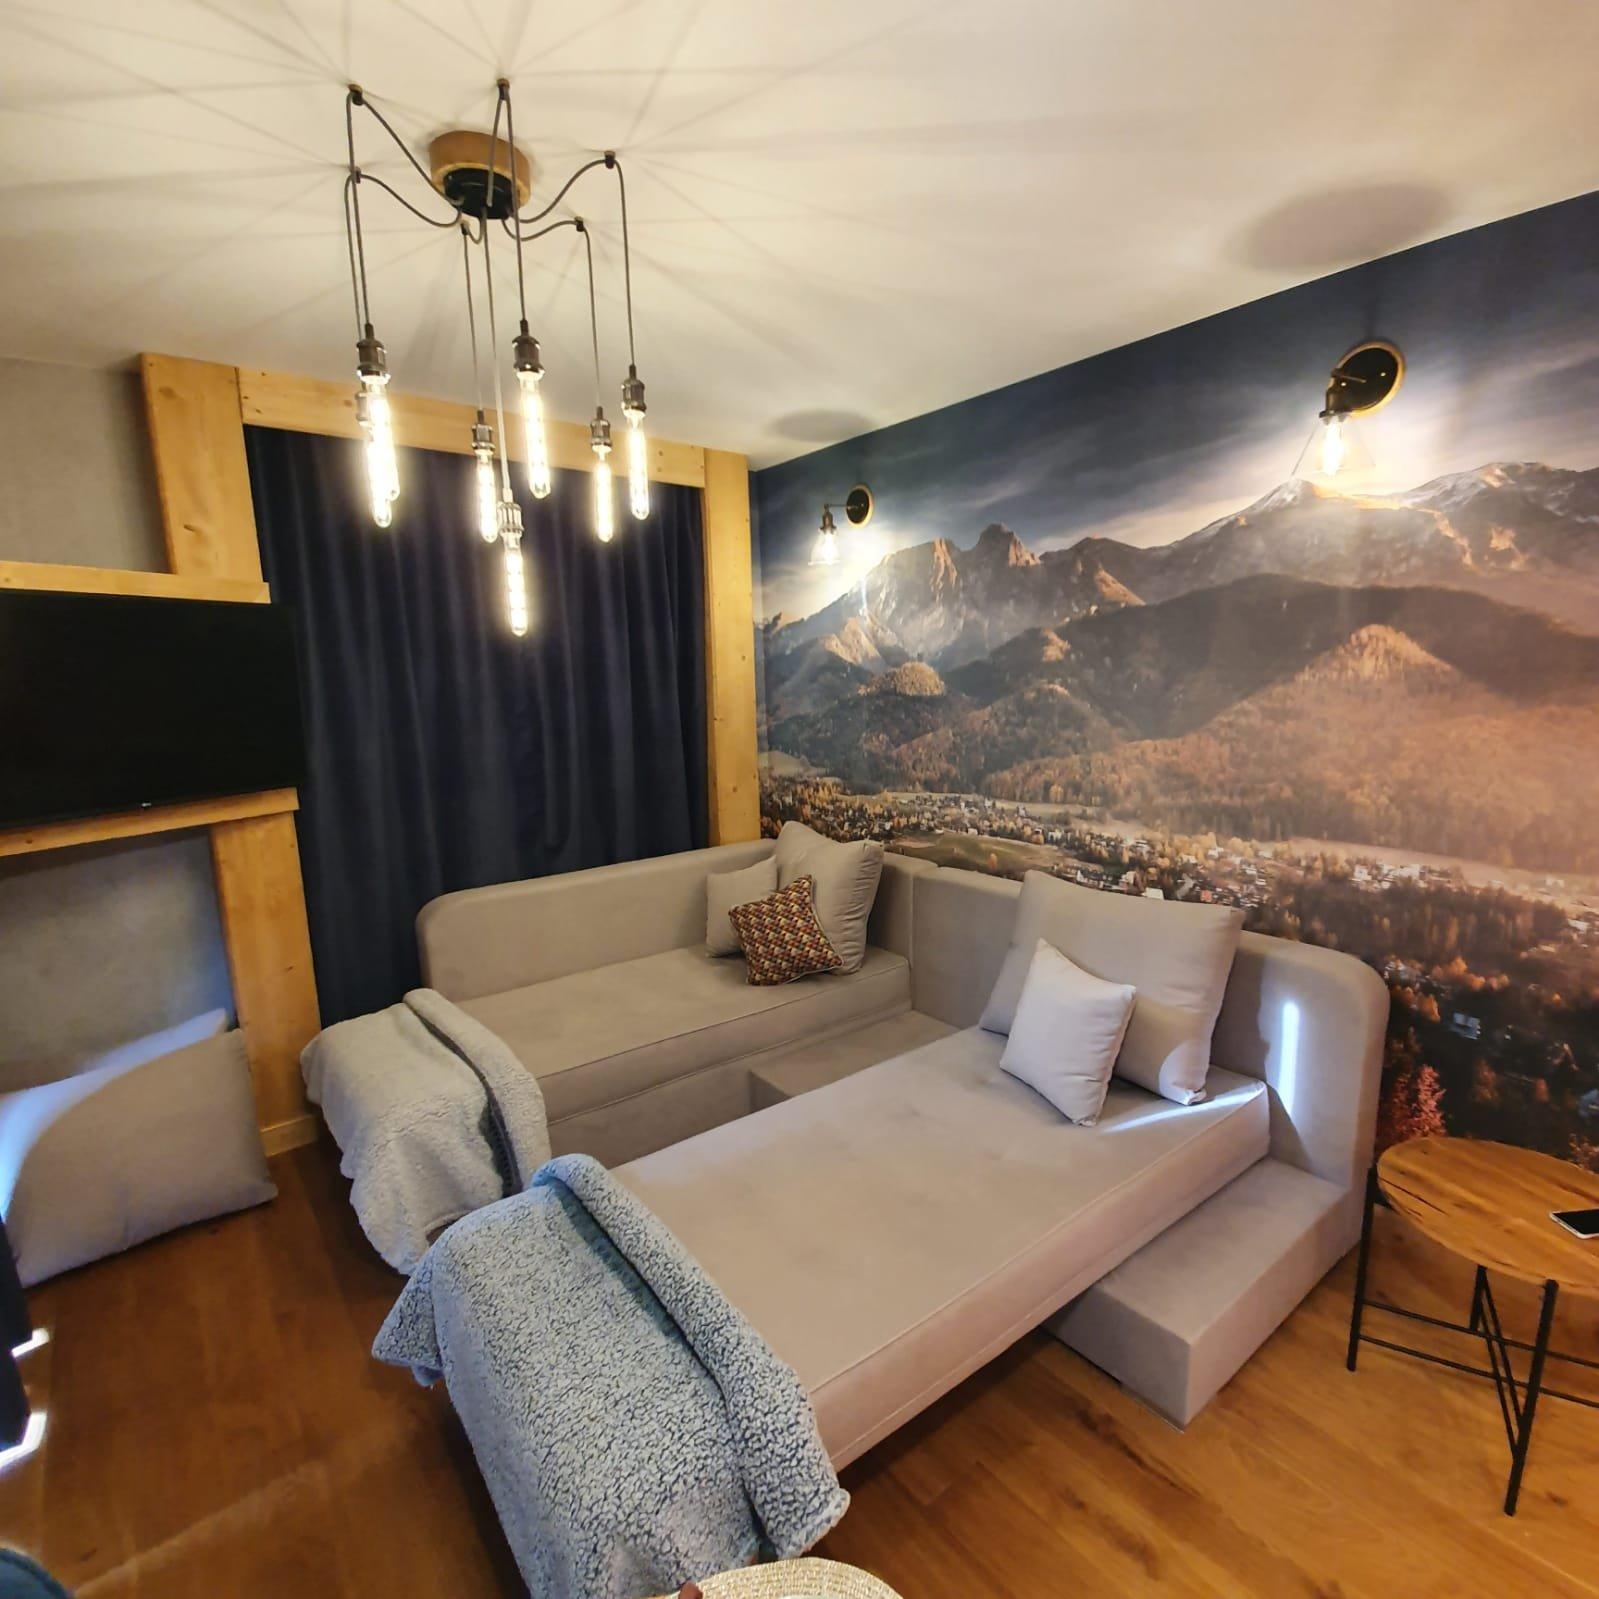 Apartament BACIARA-prywatny, 2 pok., przy Krupówkach,Zakopane-5277